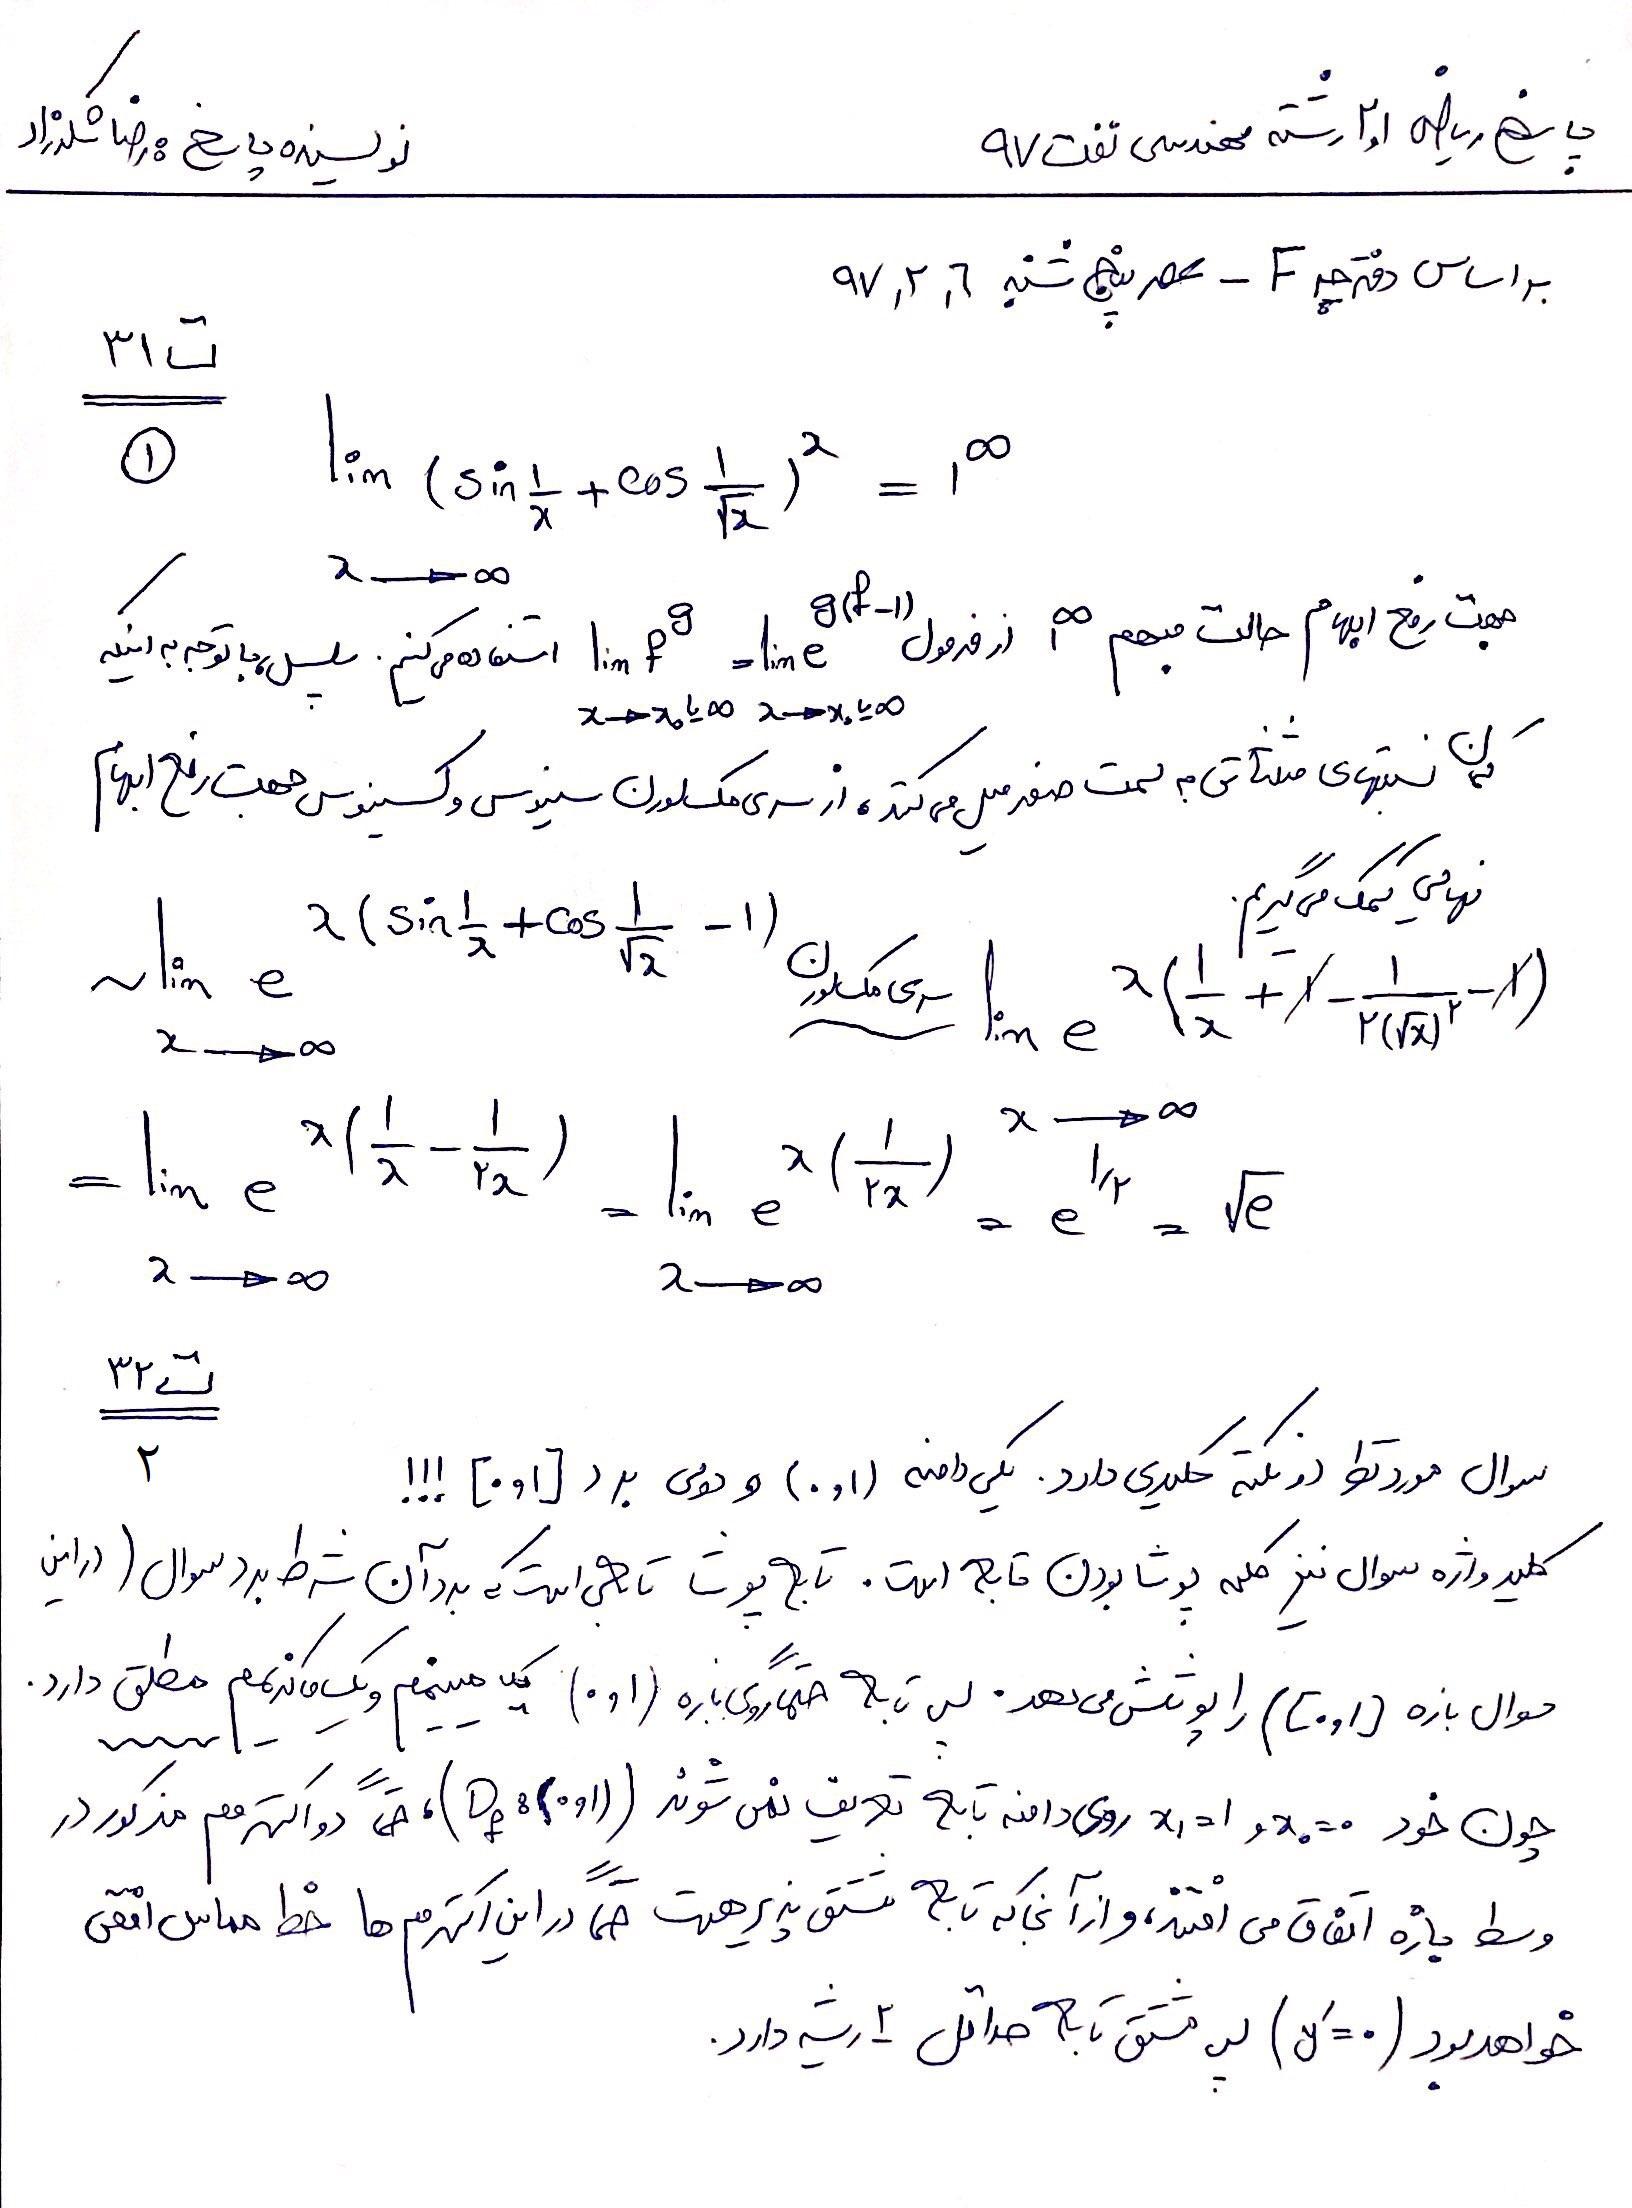 ریاضی عمومی نفت 97